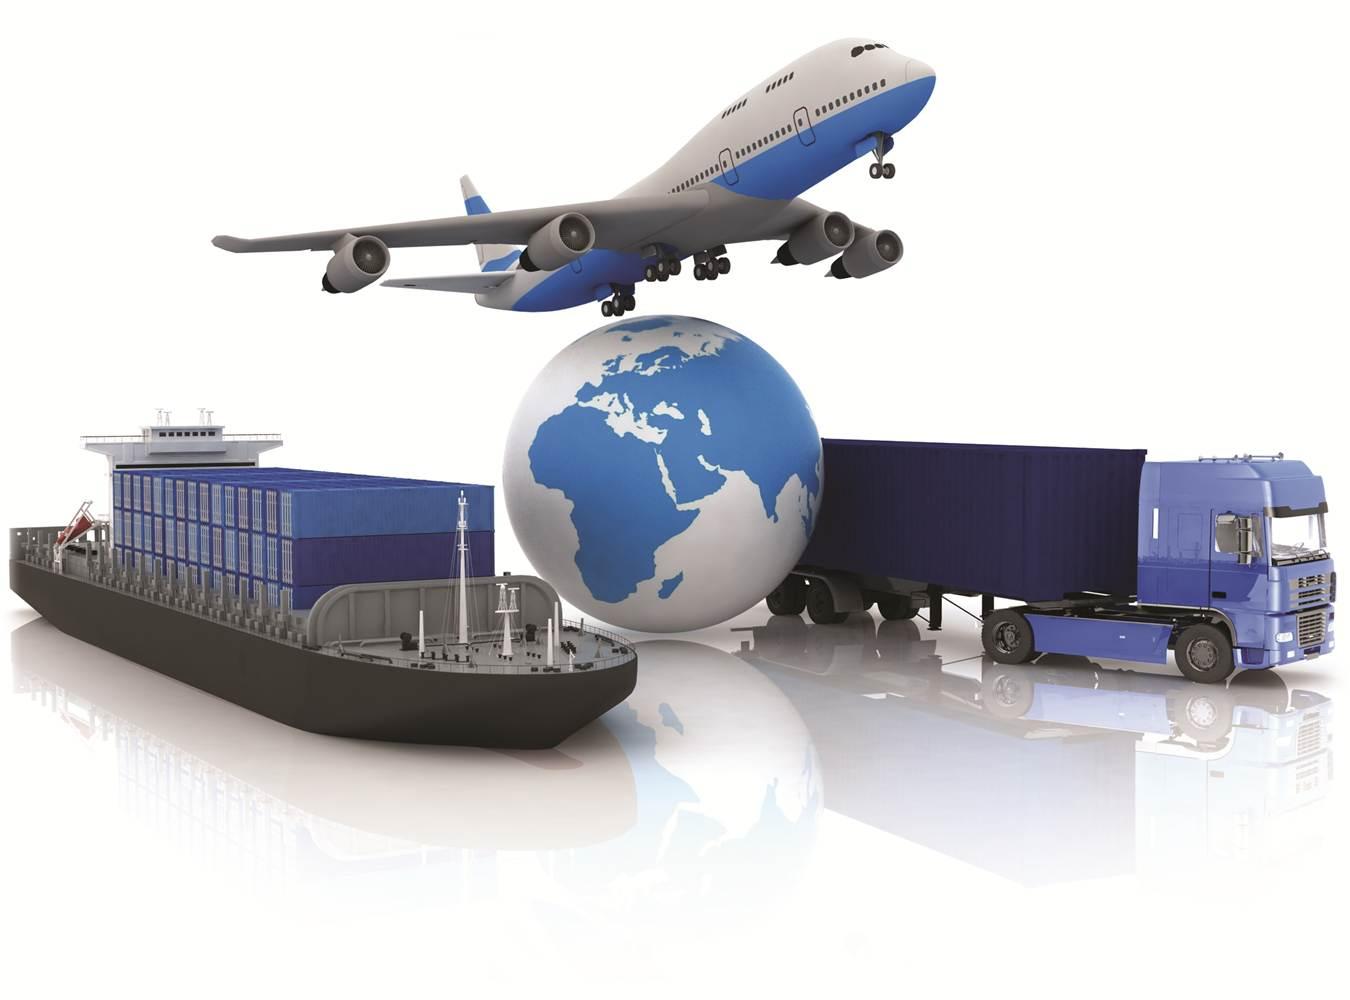 Liên hệ ngay với Hùng Phát nếu bạn có nhu cầu vận chuyển hàng đi Trung Quốc từ Việt Nam